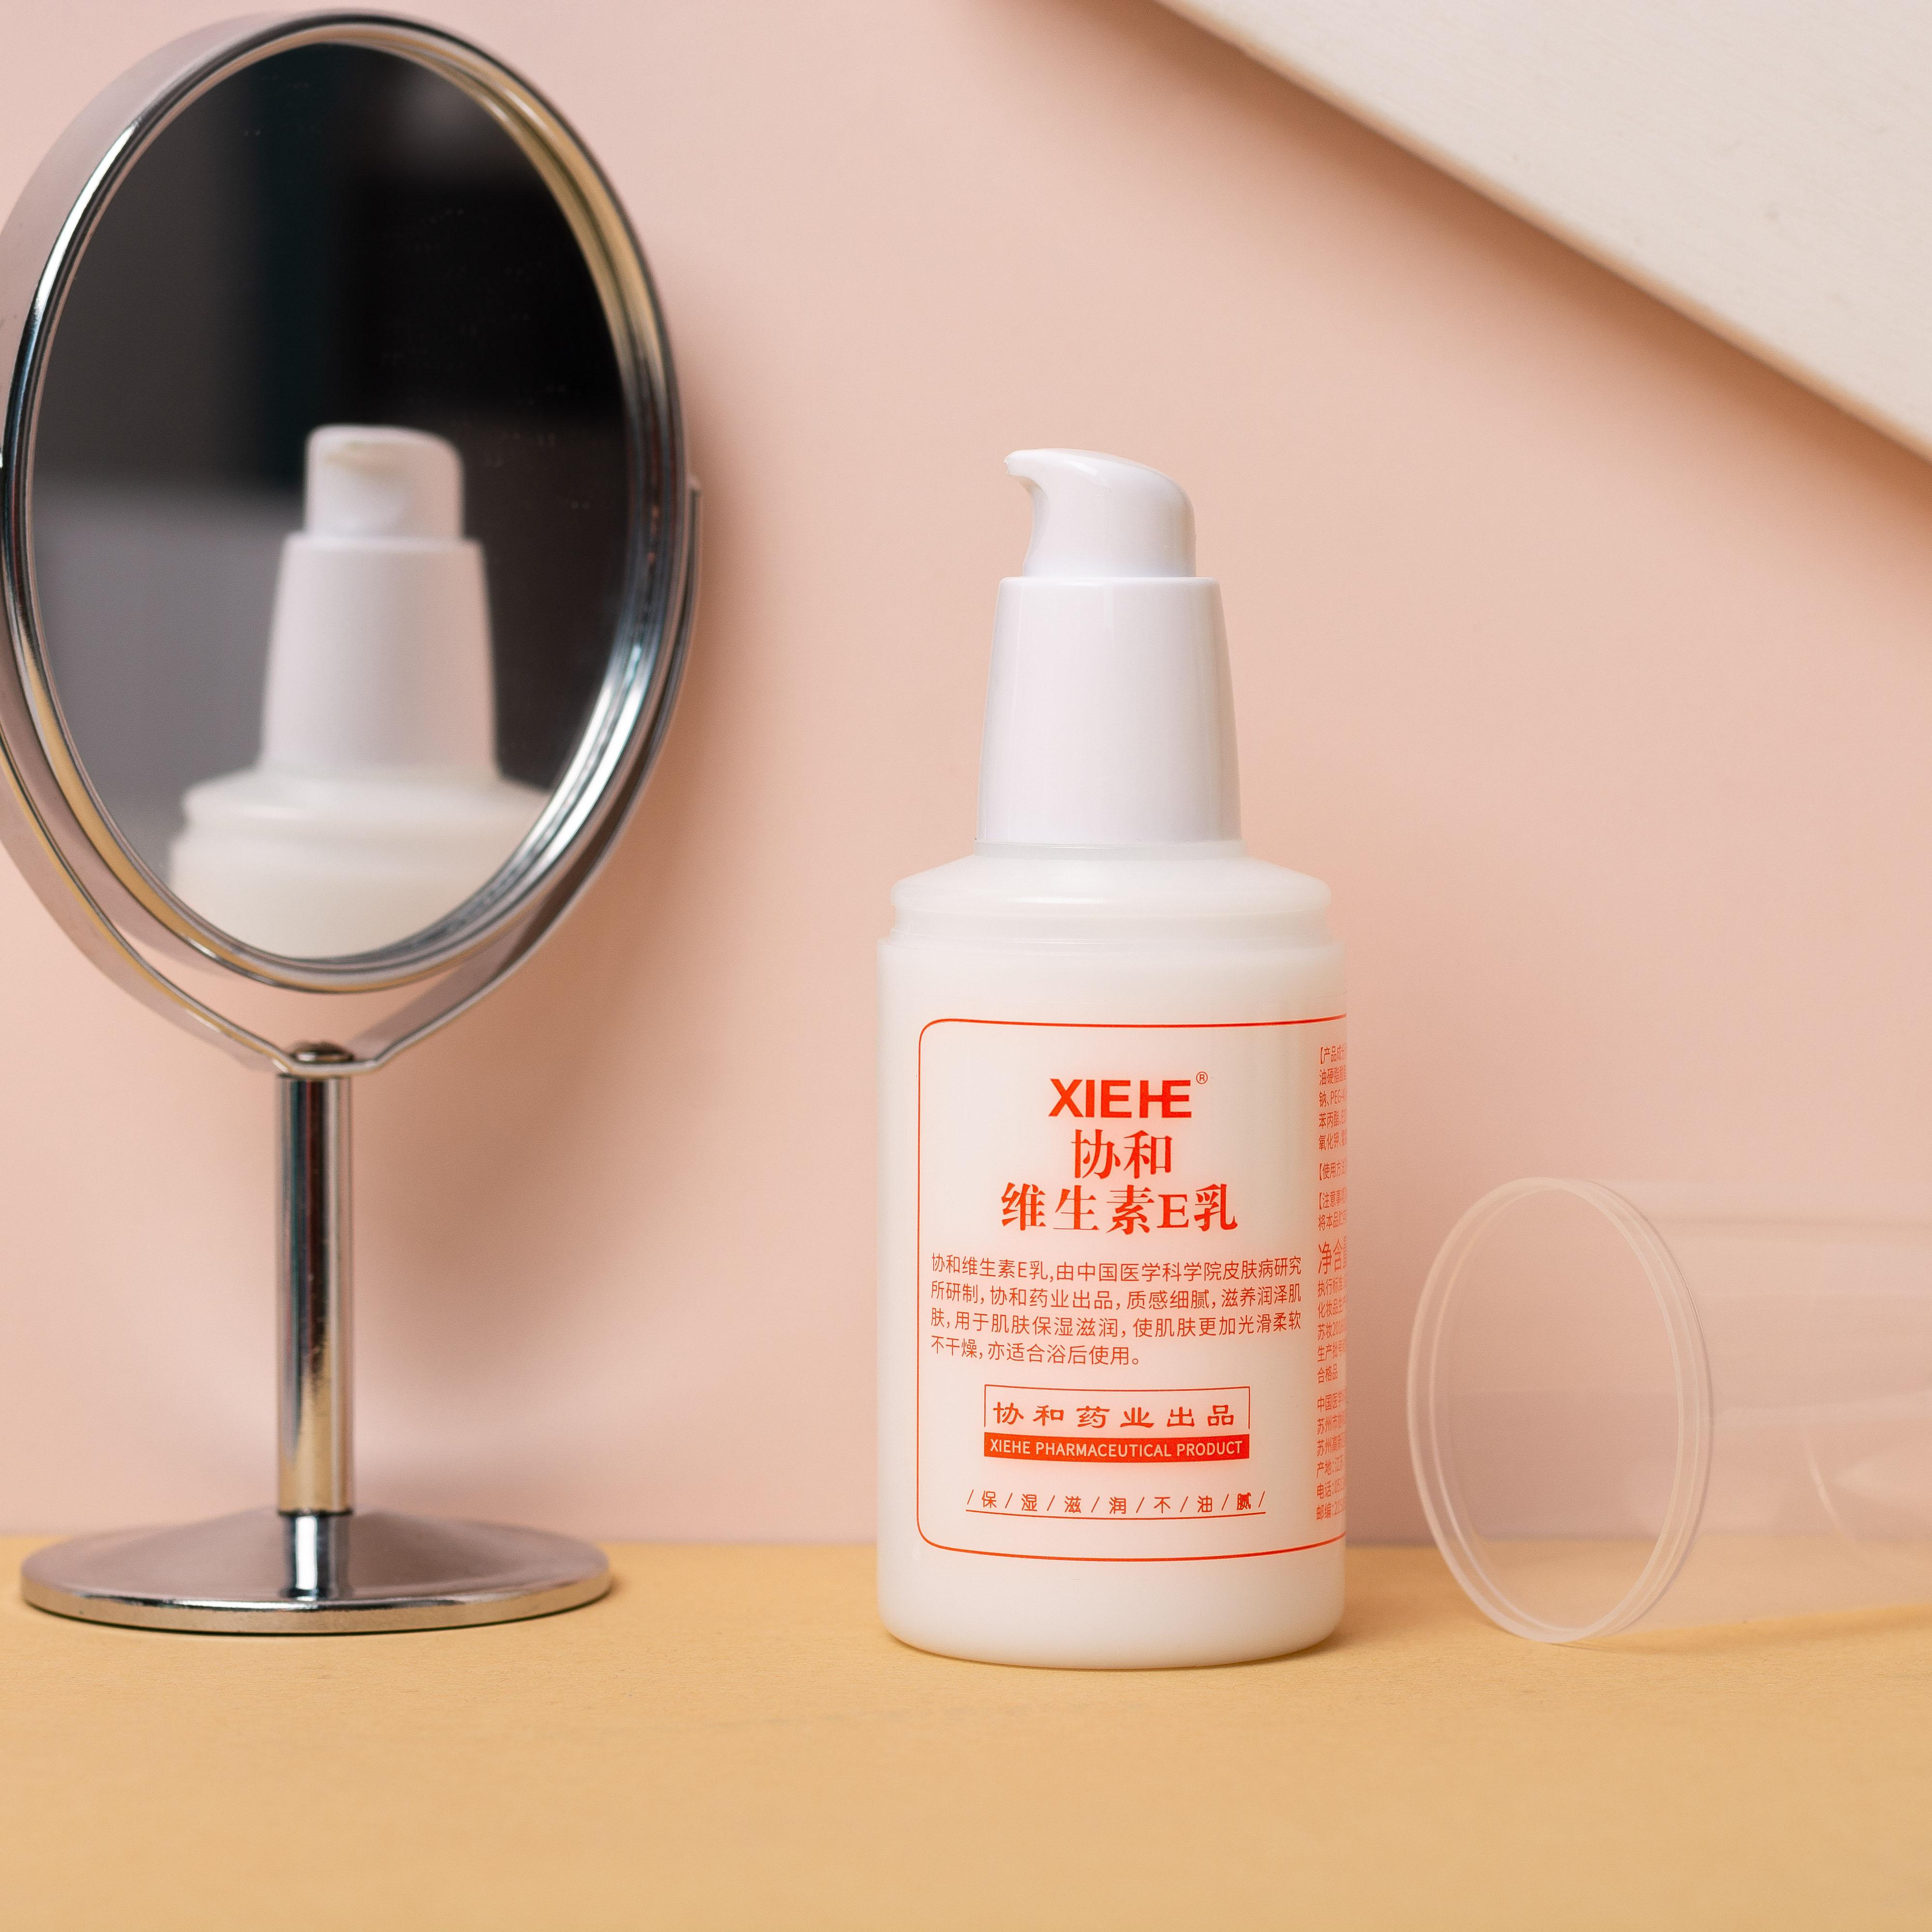 「协和维E乳小白瓶」国货之光 人气单品 协和维生素E乳液多重保湿 全身可用 商品图0